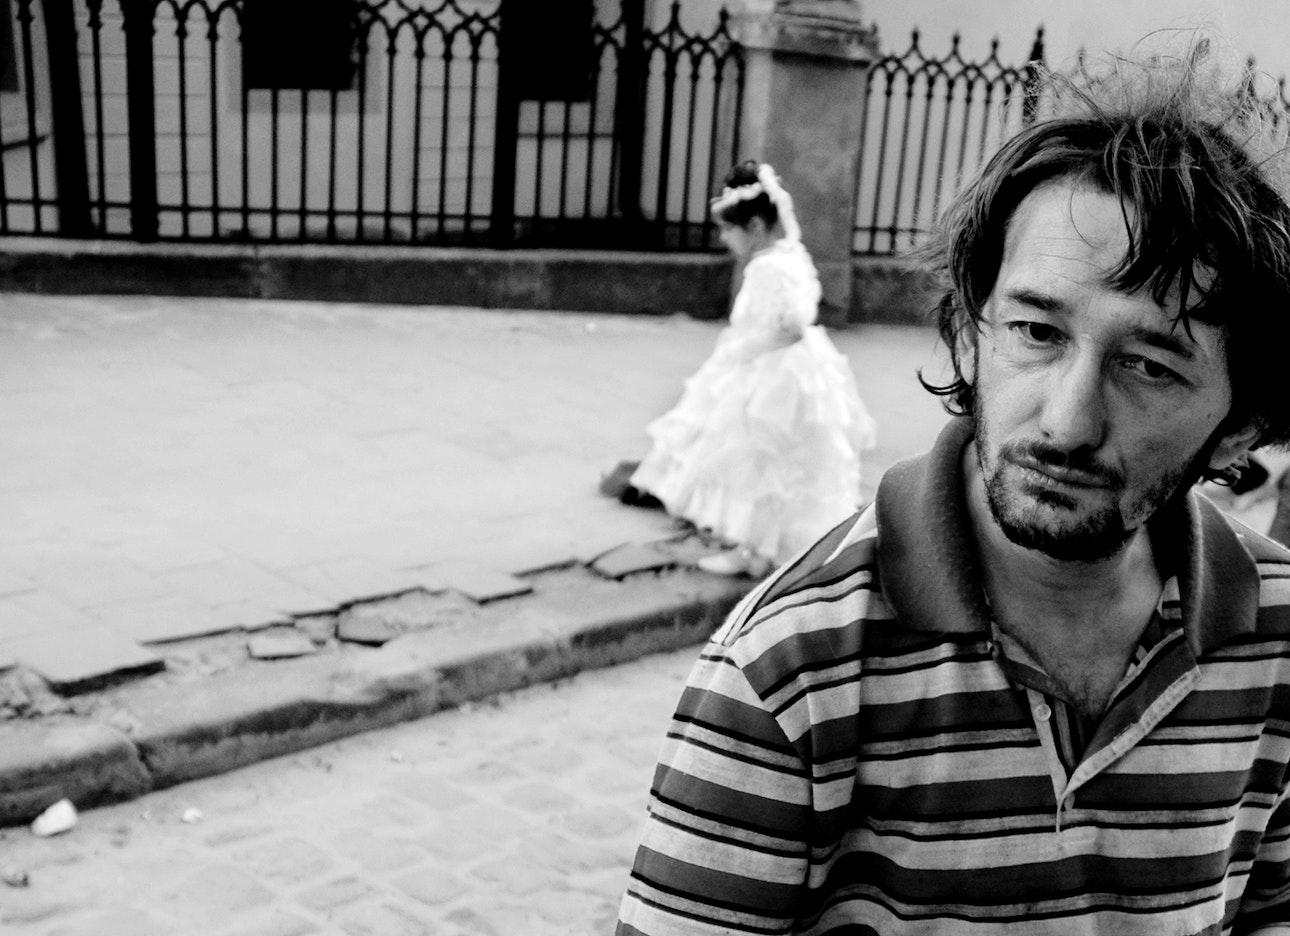 His Dreams_(Yurko Dyachyshyn)_01-min